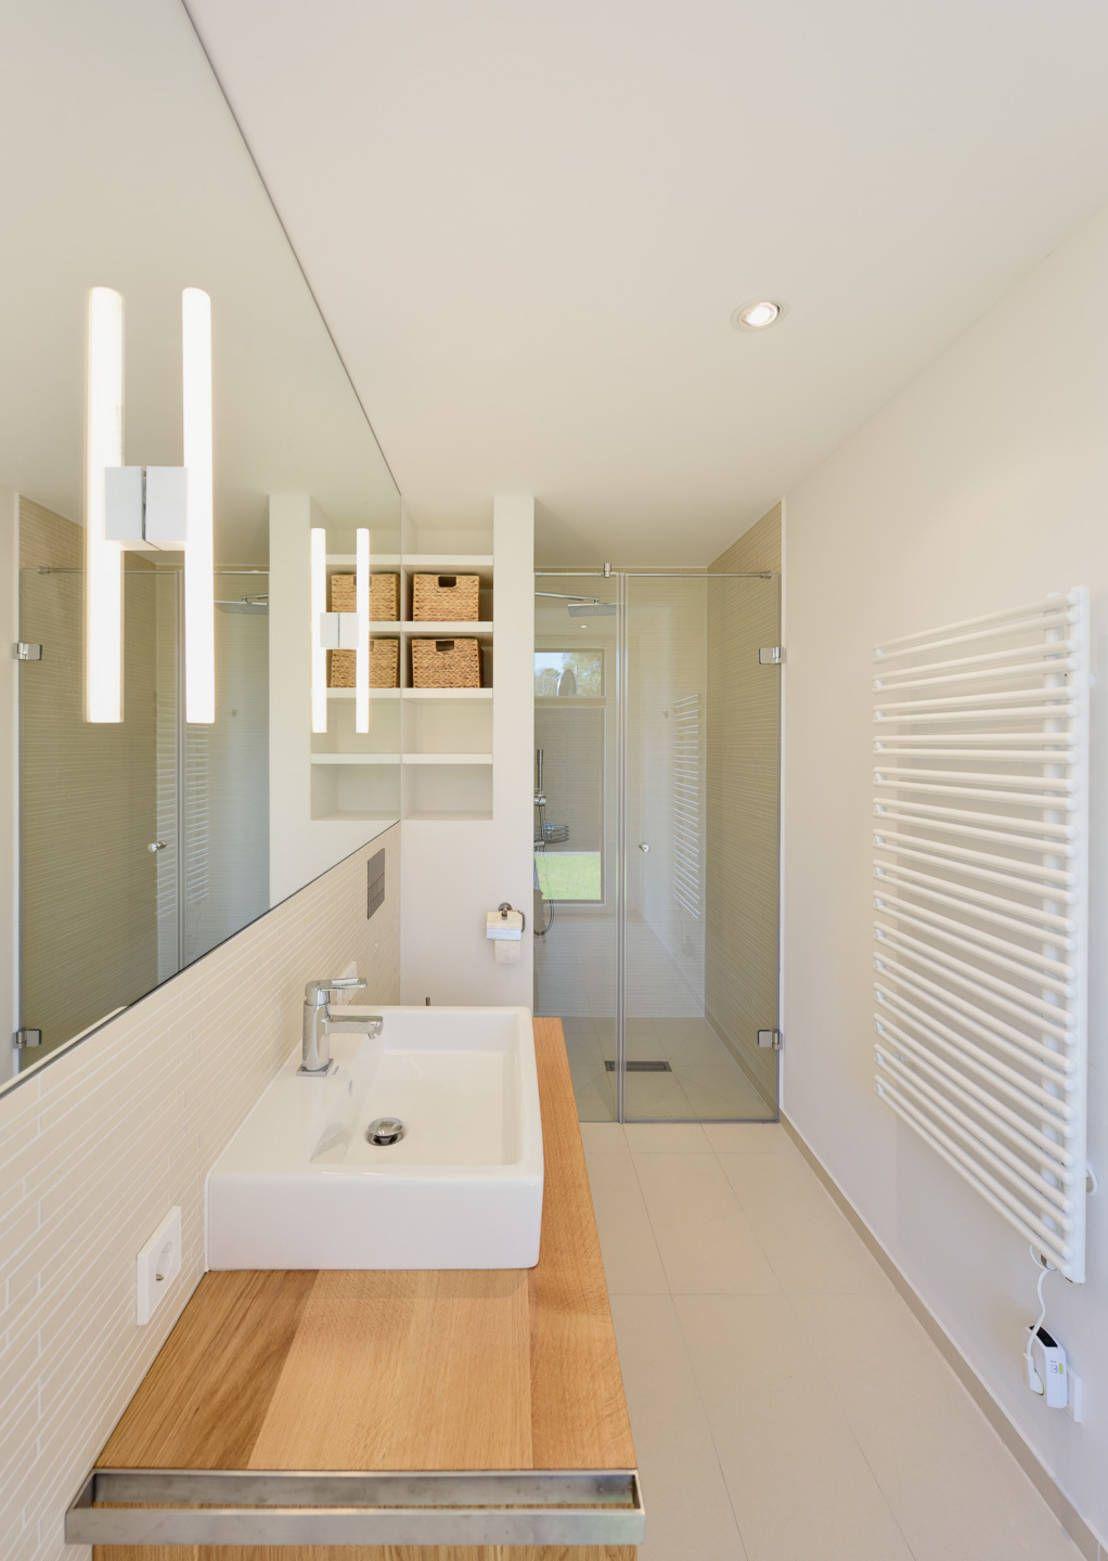 6 Ideen Um Kleine Badezimmer Zu Gestalten